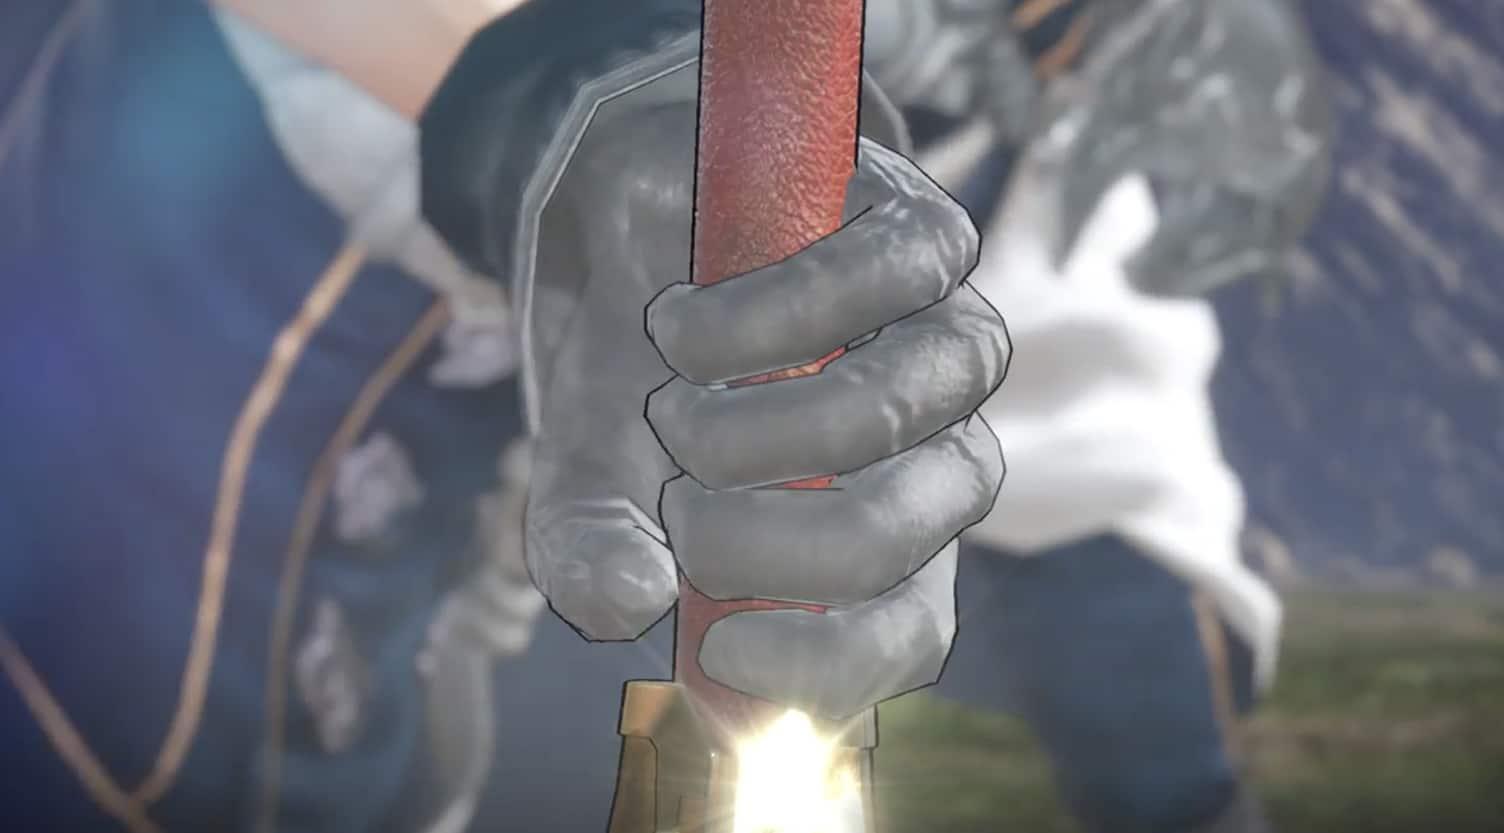 Fire Emblem Warriors Direct prevista per il 18.1.2017